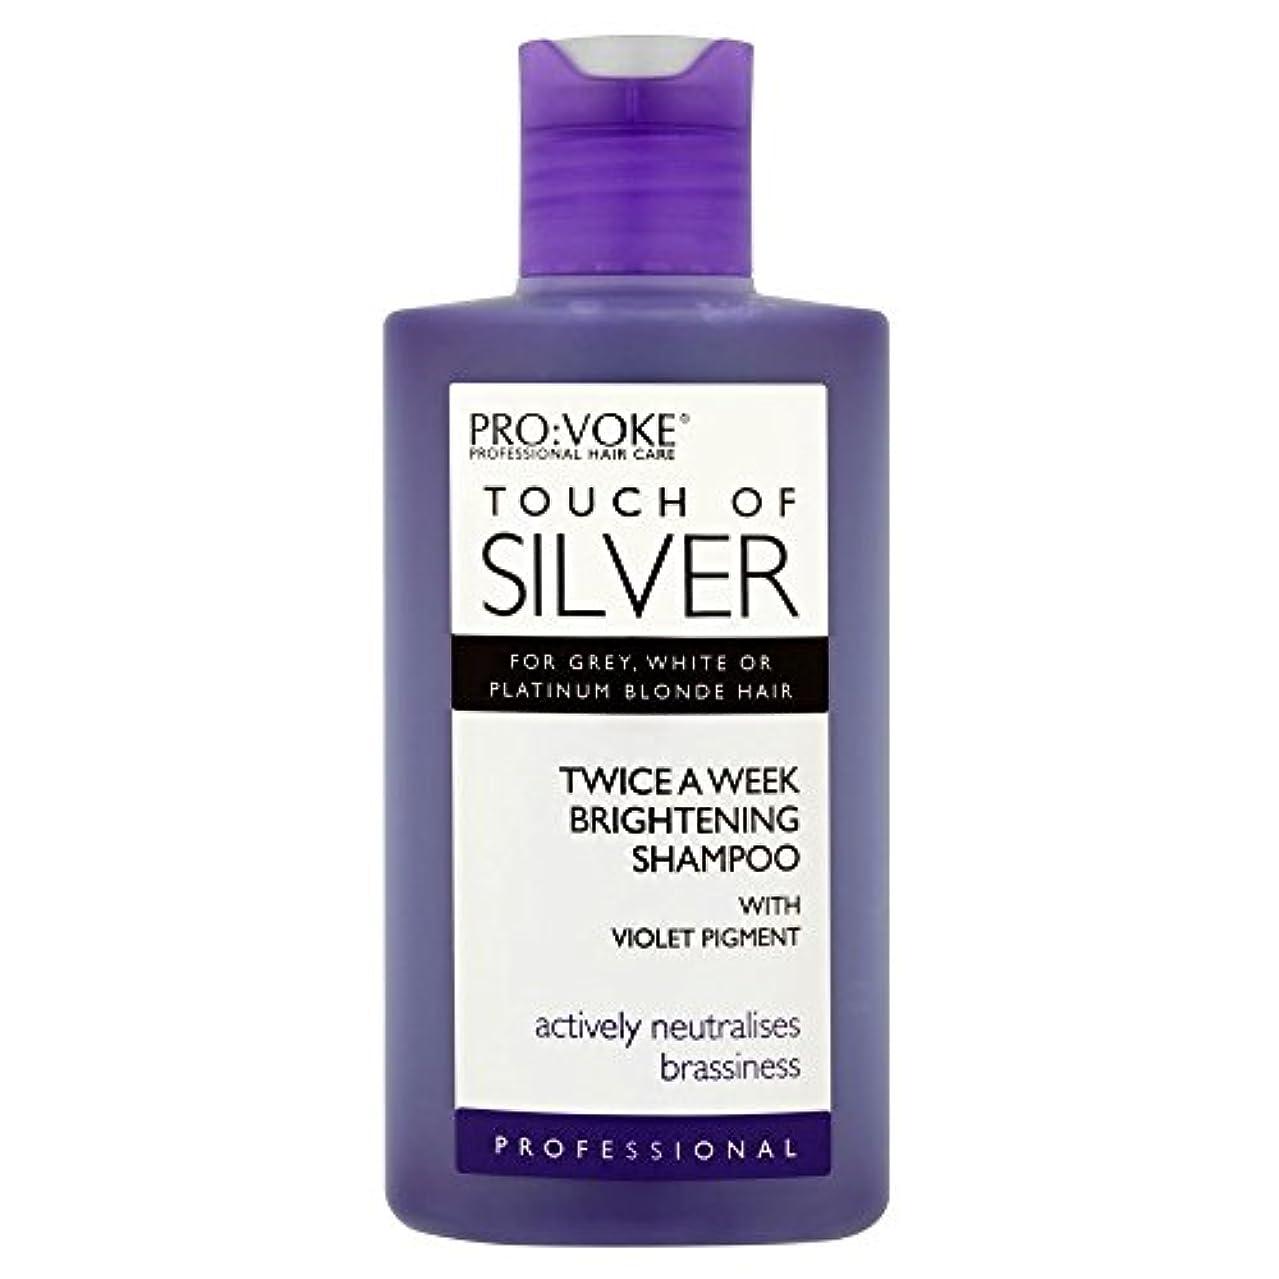 取り付け締める卒業記念アルバムPro:voke Touch of Silver Professional Twice a Week Brightening Shampoo (150ml) プロ:プロの銀二回週白シャンプーのvokeタッチ( 150ミリリットル...